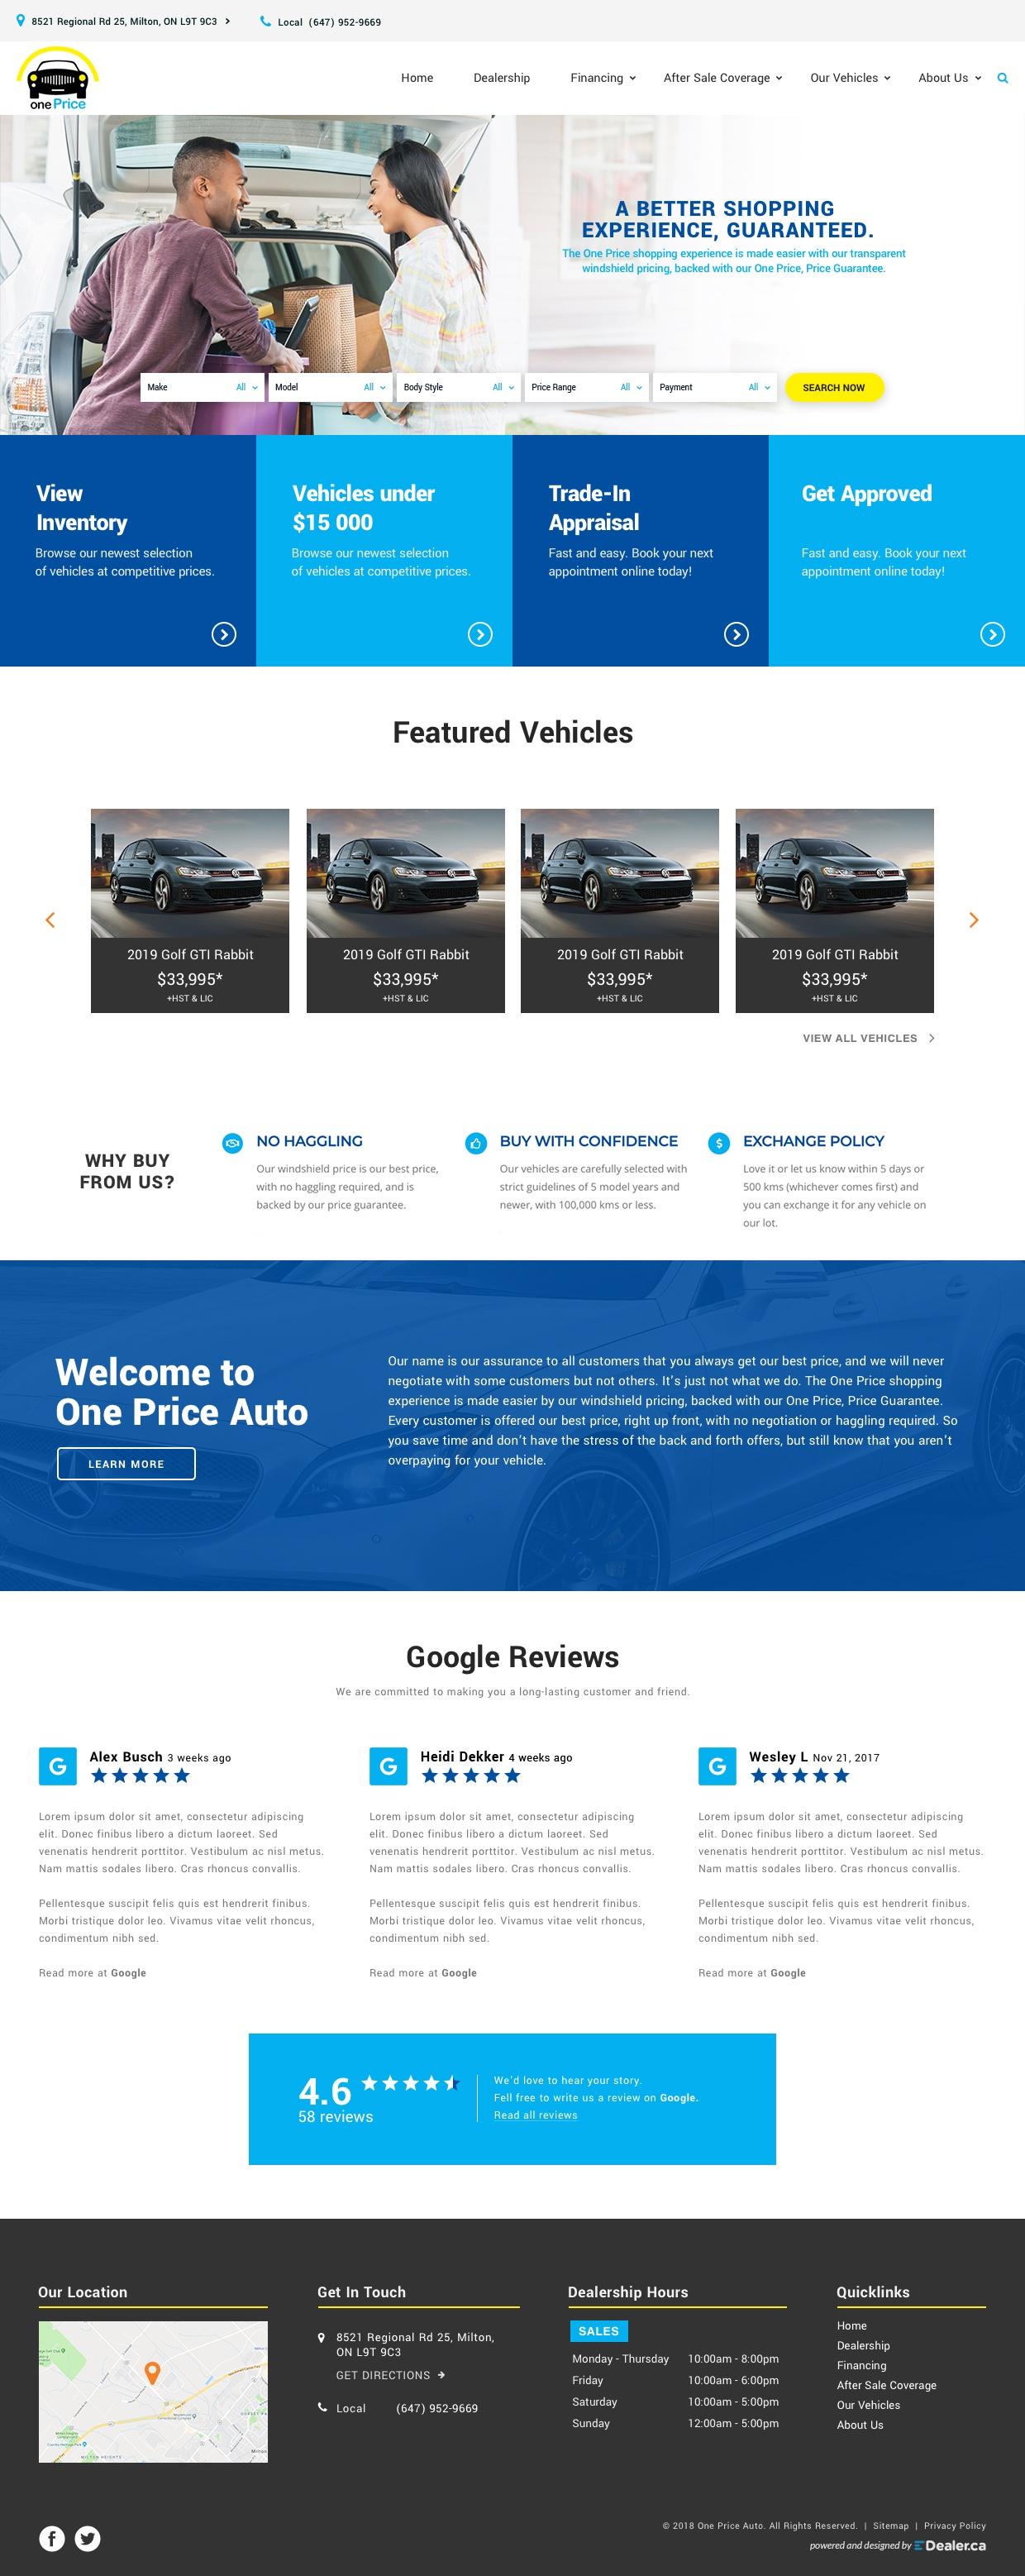 One Price Auto